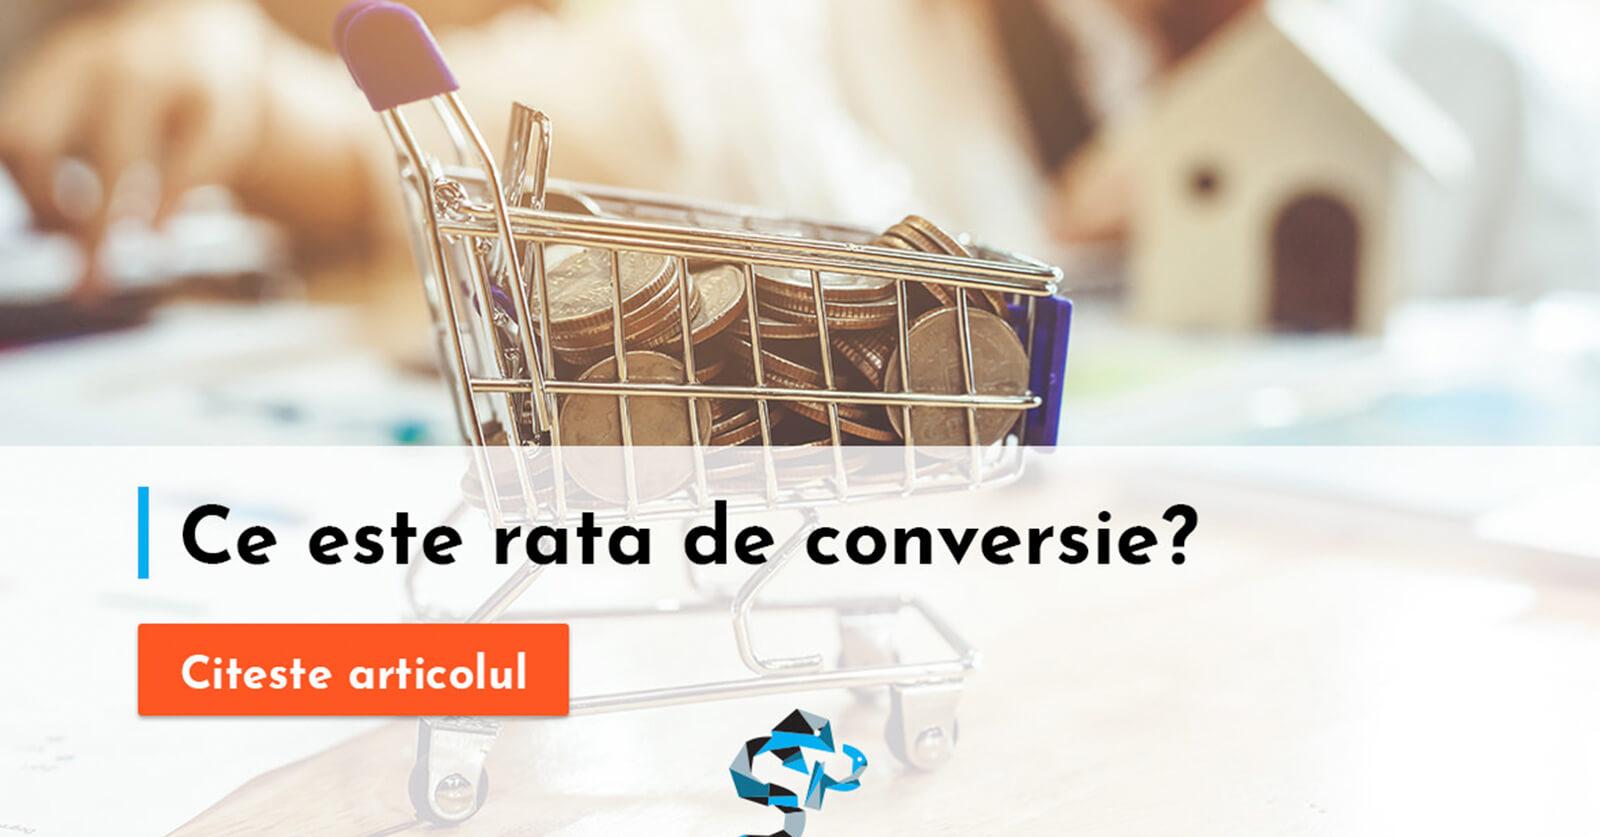 Ce este rata de conversie?